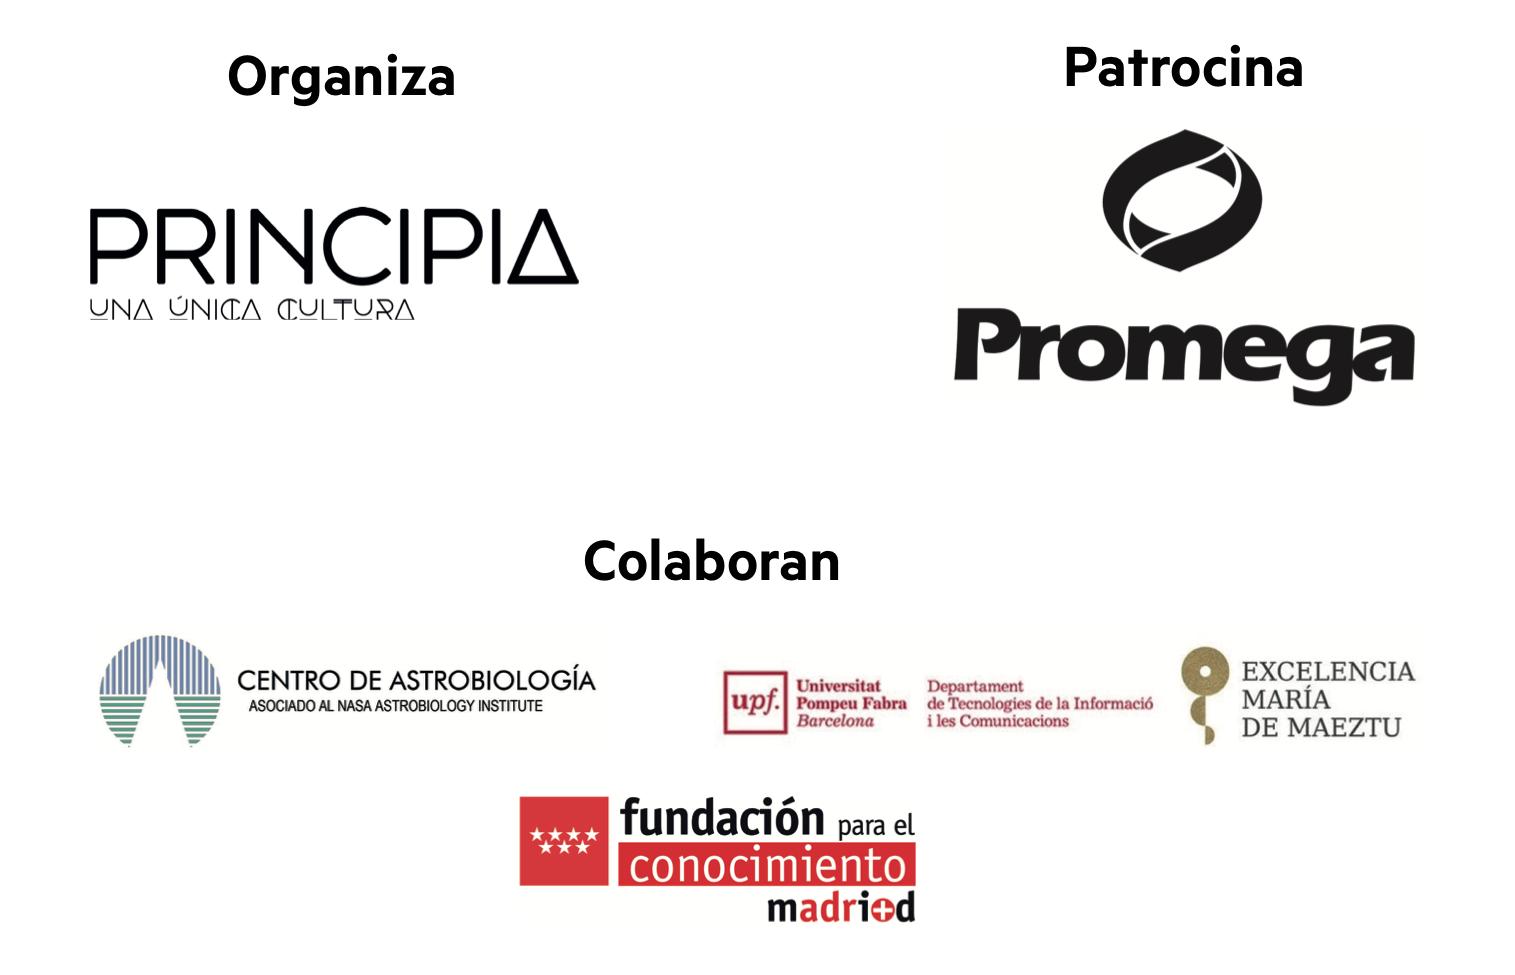 Organizadores, patrocinador y colaboradores del evento